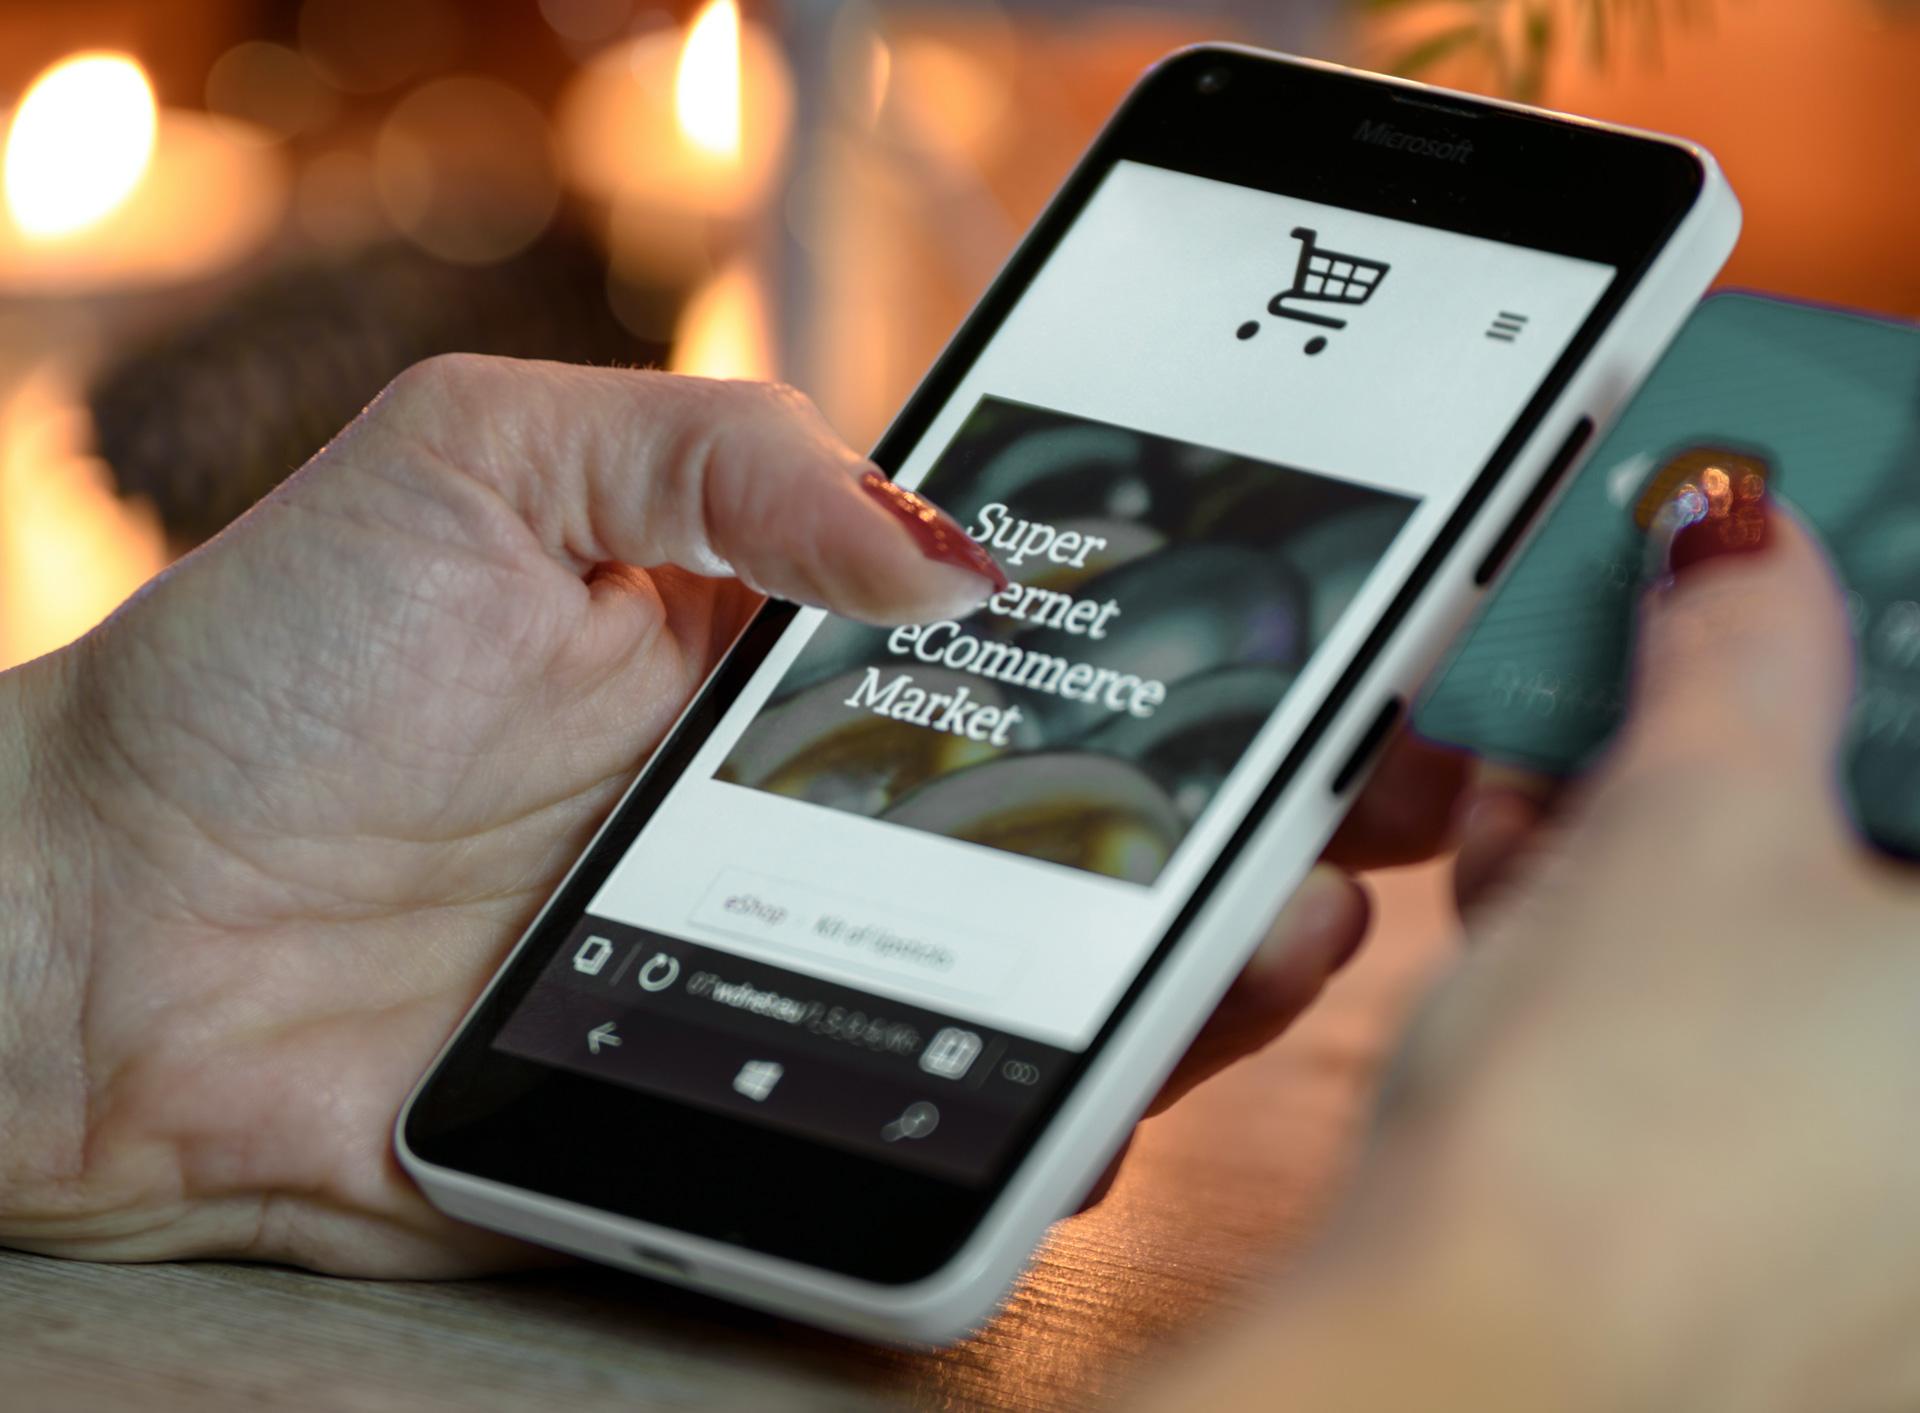 La tecnología sirvió para complementar la labor del agente de viajes, afirma Trauwitz en The American Express Business Class Webinar